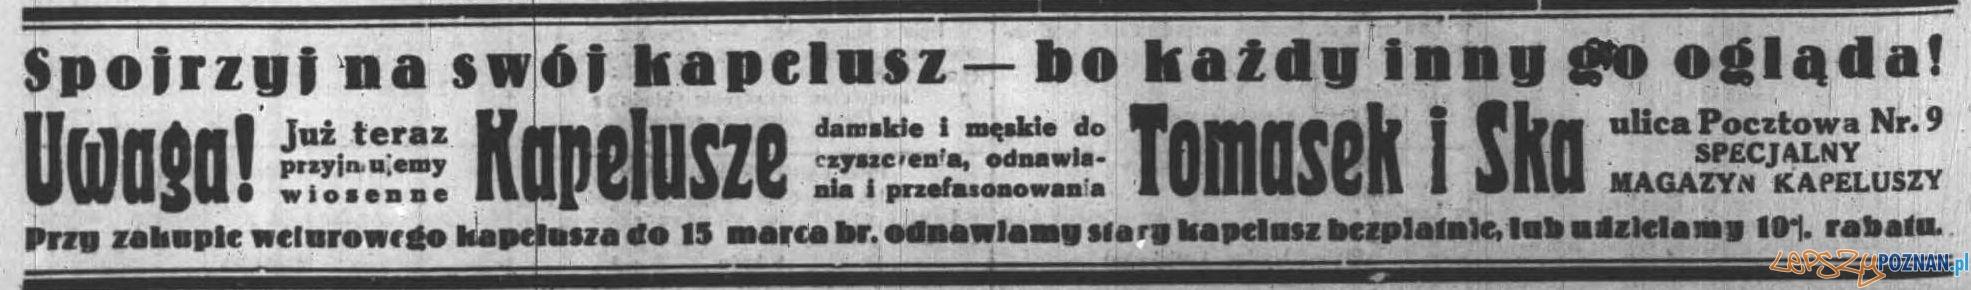 Anons prasowy w Dzienniku Poznańskim 5 lutego 1932